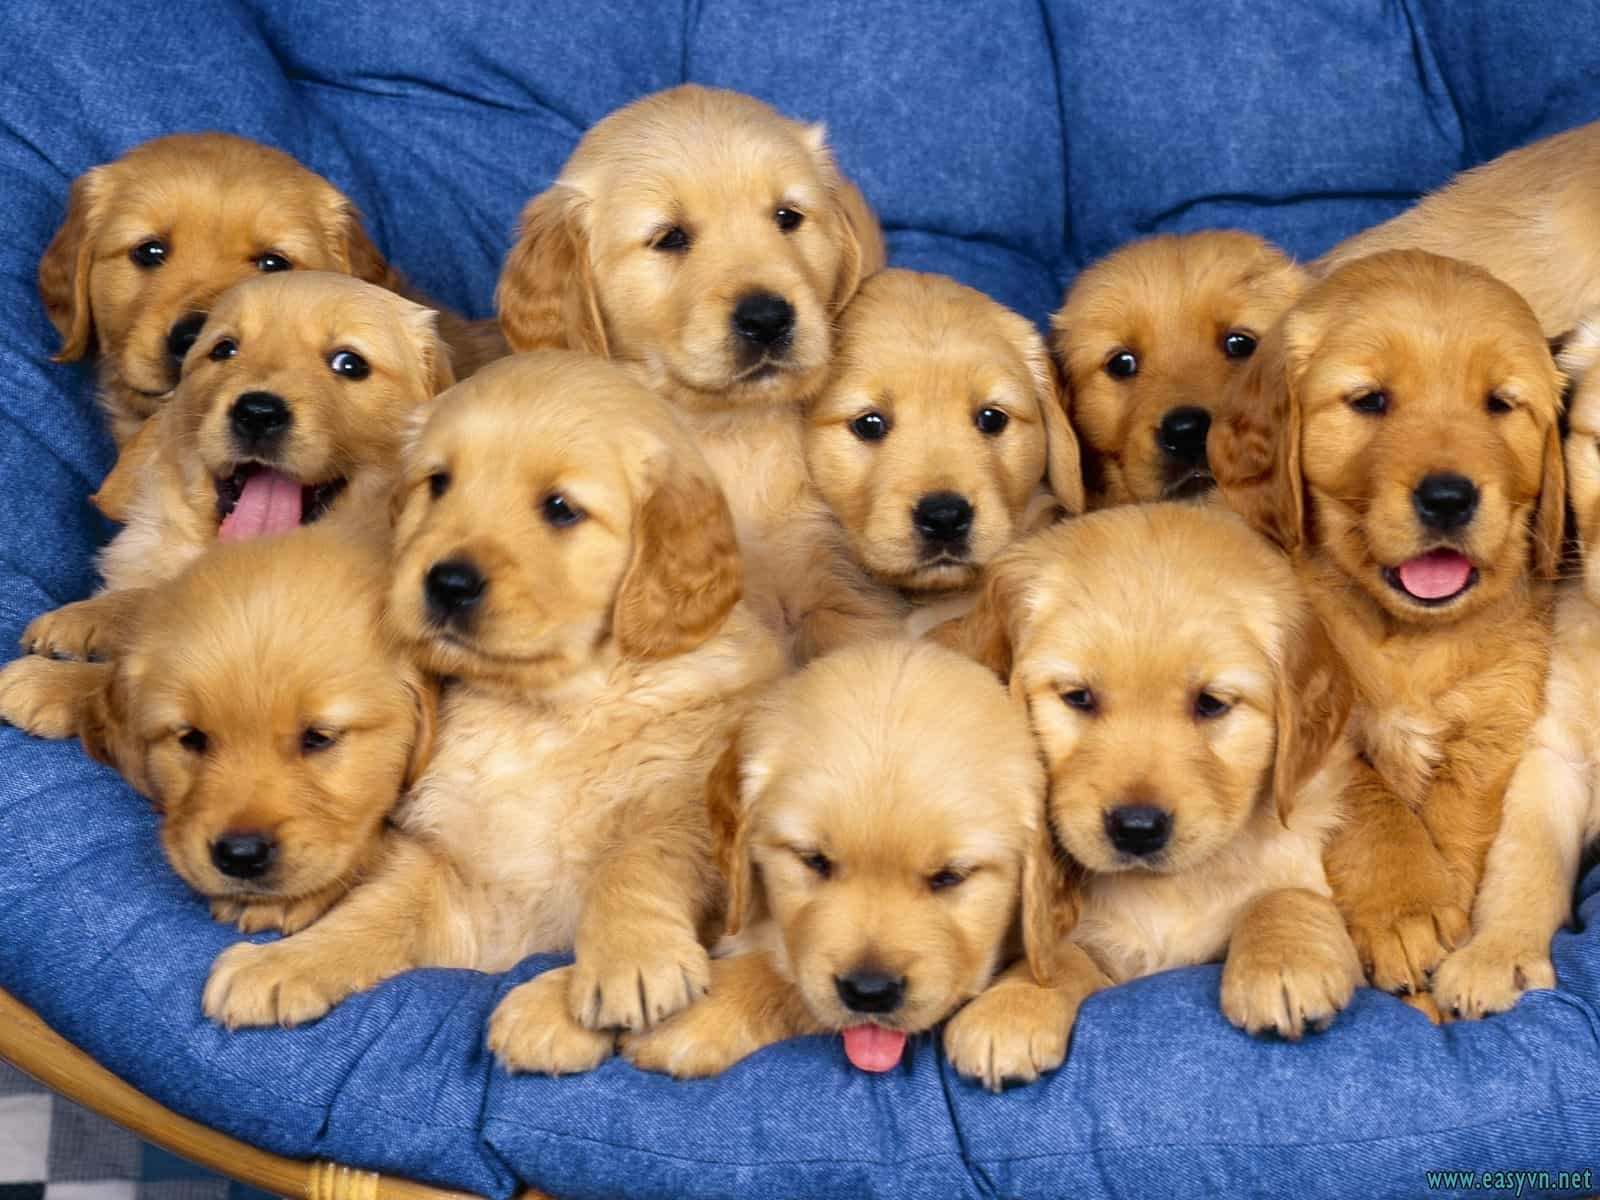 Những hình ảnh về các chú chó đáng yêu